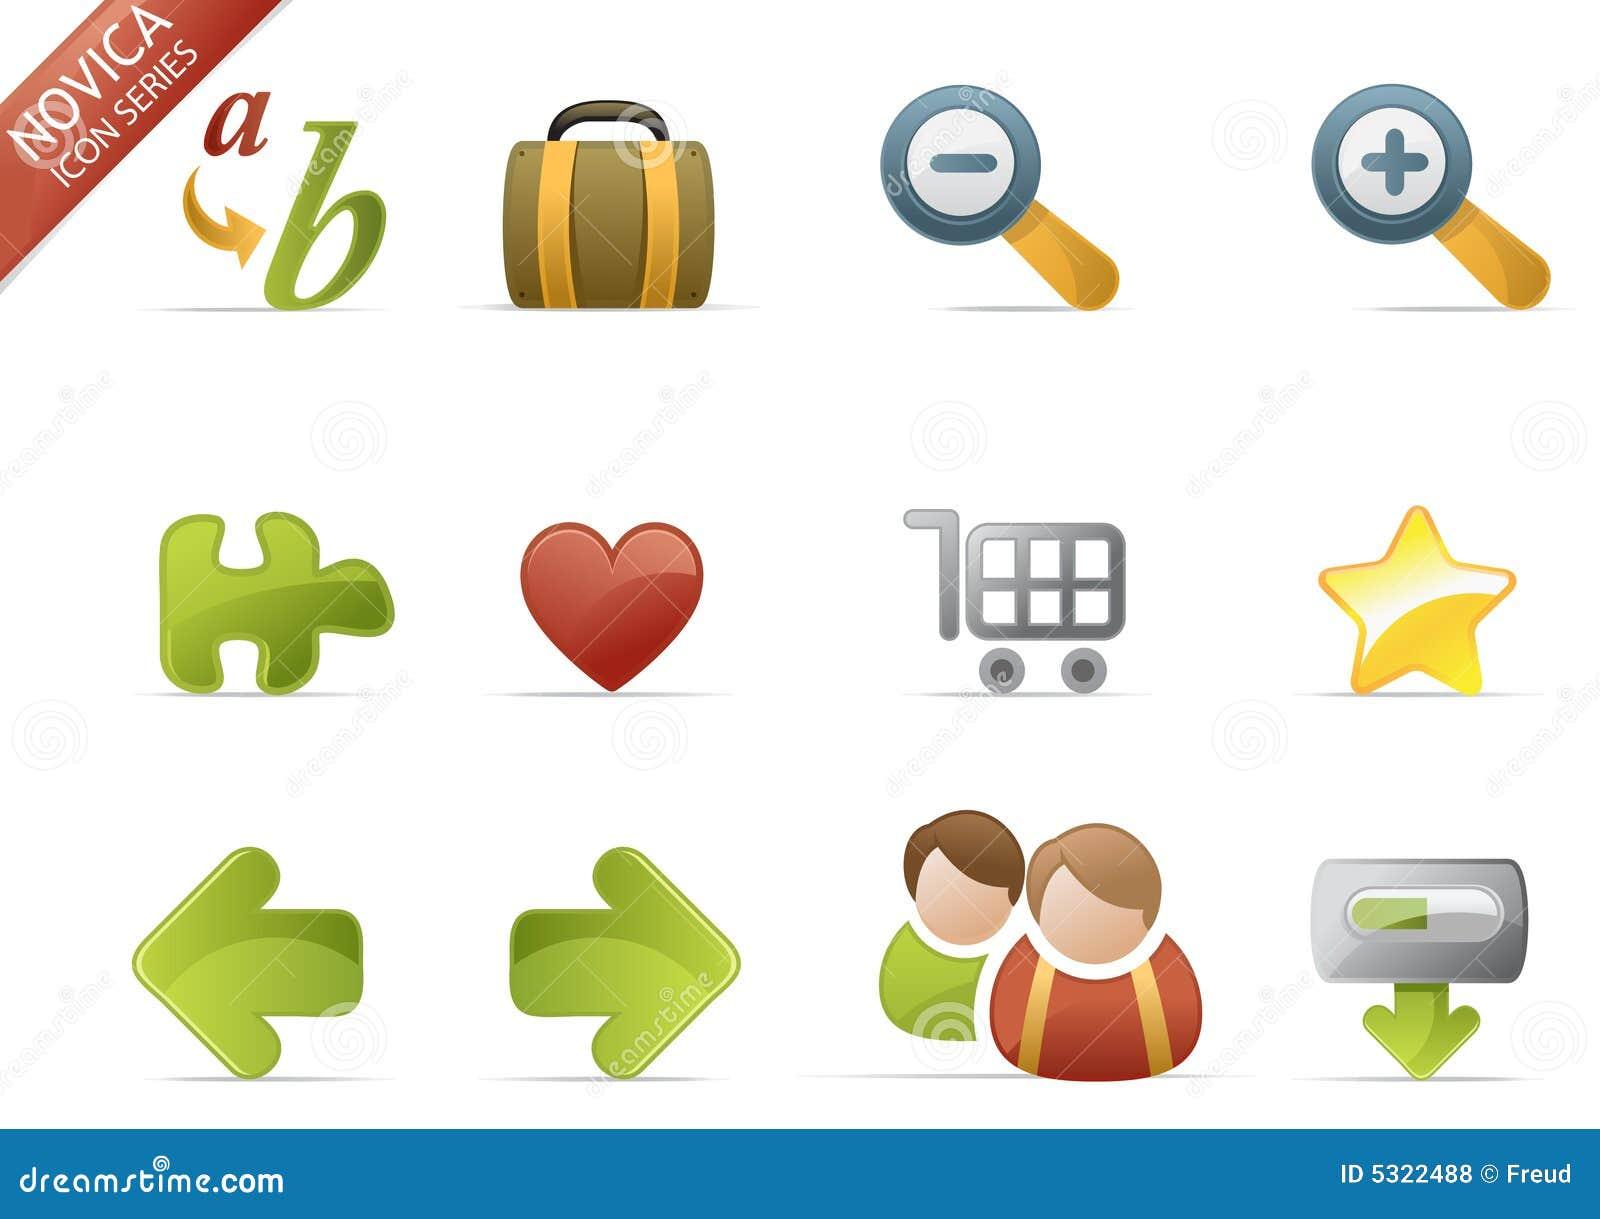 Iconos del Web - serie #3 de Novica